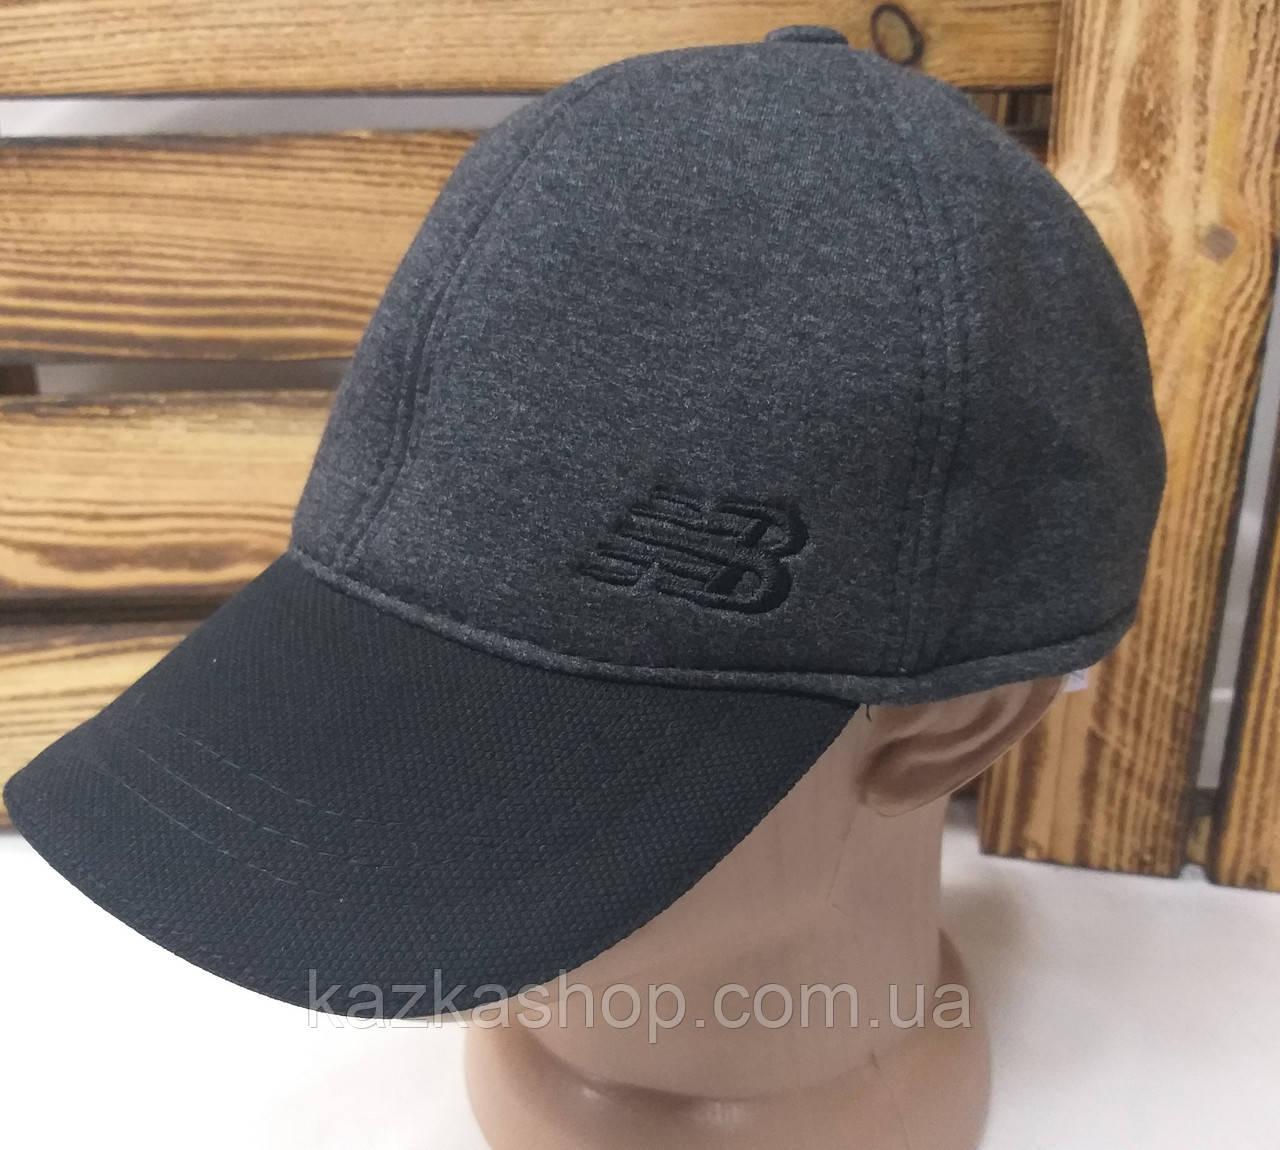 Мужская трикотажная кепка серого цвета с вышивкой New Balance на регуляторе, размеры в наличии S, M, L